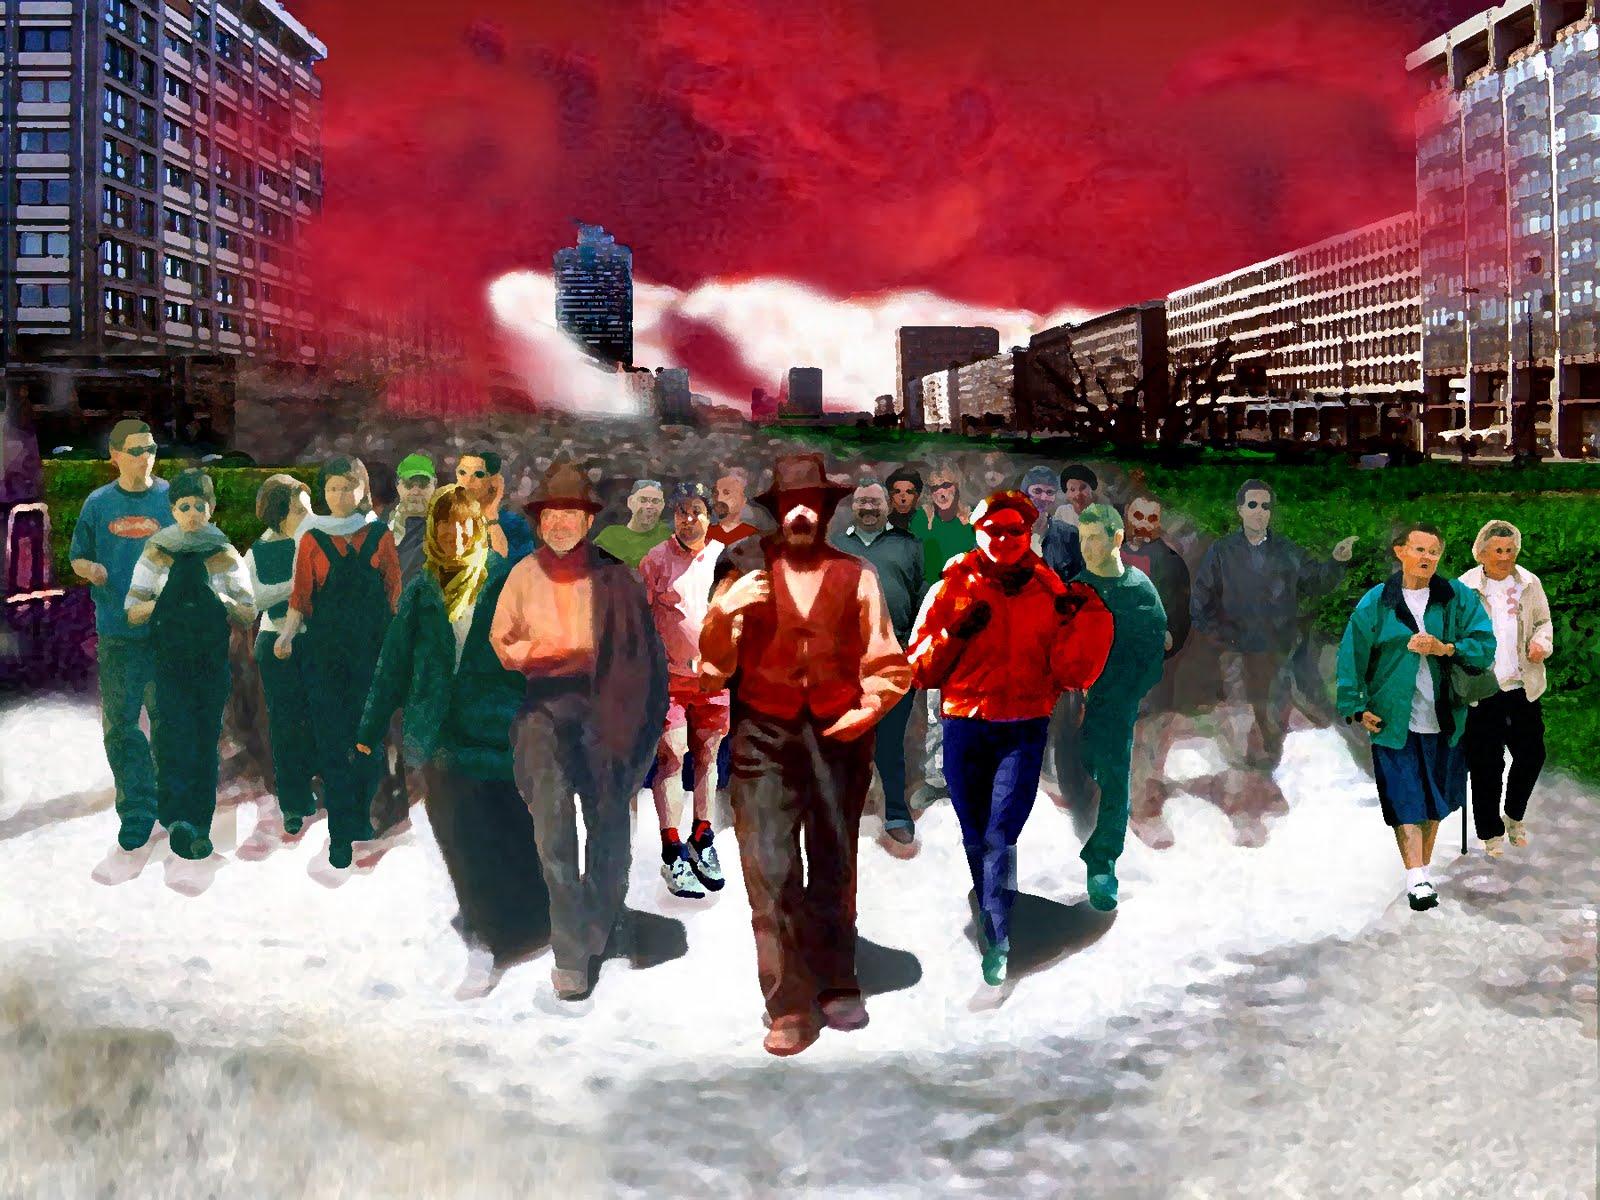 http://4.bp.blogspot.com/_SoKNuSRM_F8/TTvhDZLt-AI/AAAAAAAAEjI/dABFM4zT_f8/s1600/Sinistra%2BSocialista.jpg